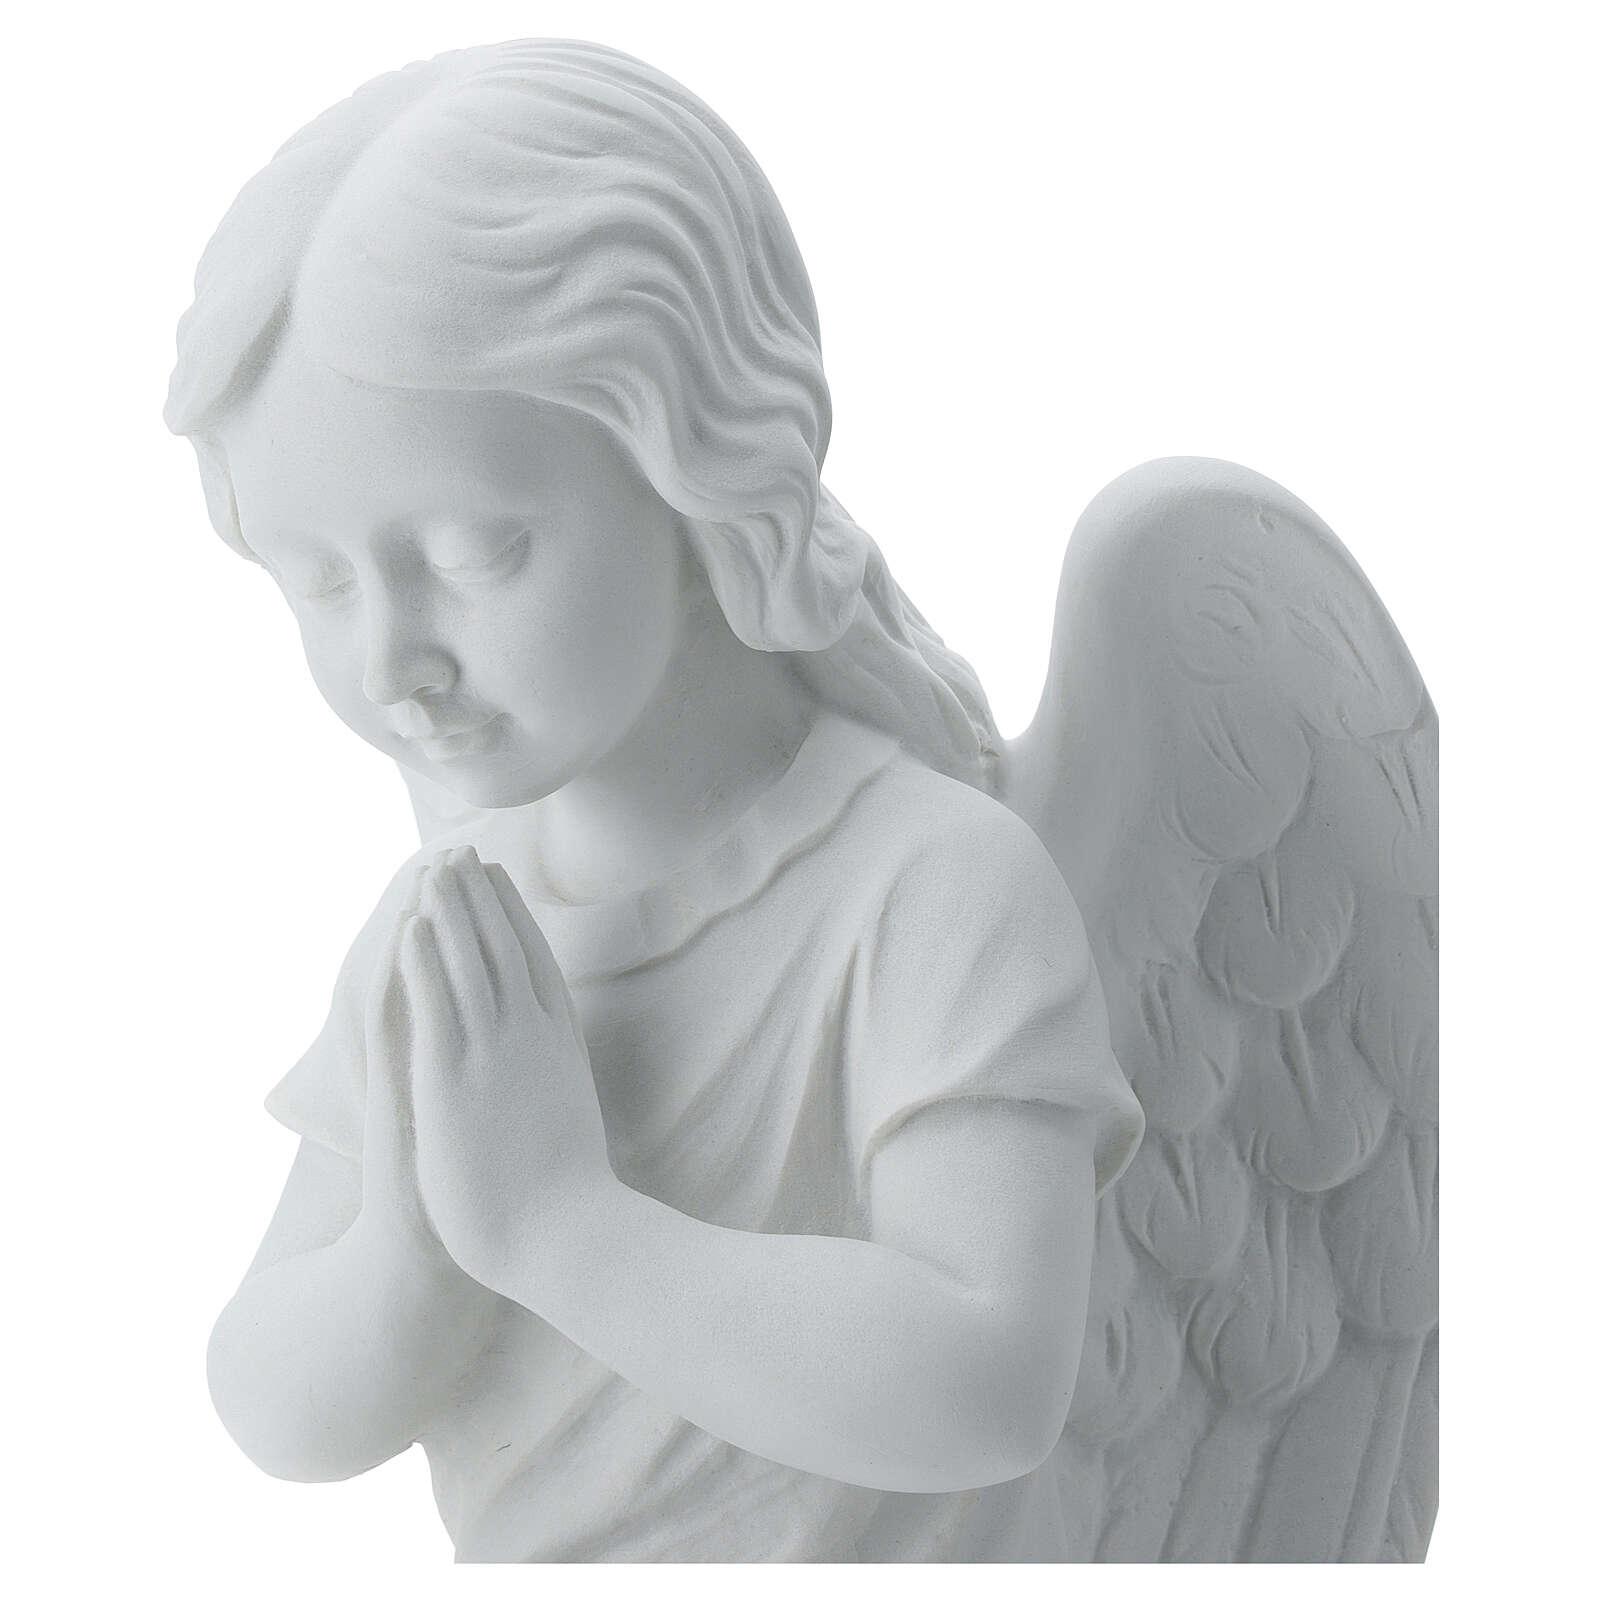 Angioletto sinistro marmo bianco di Carrara 34 cm 4